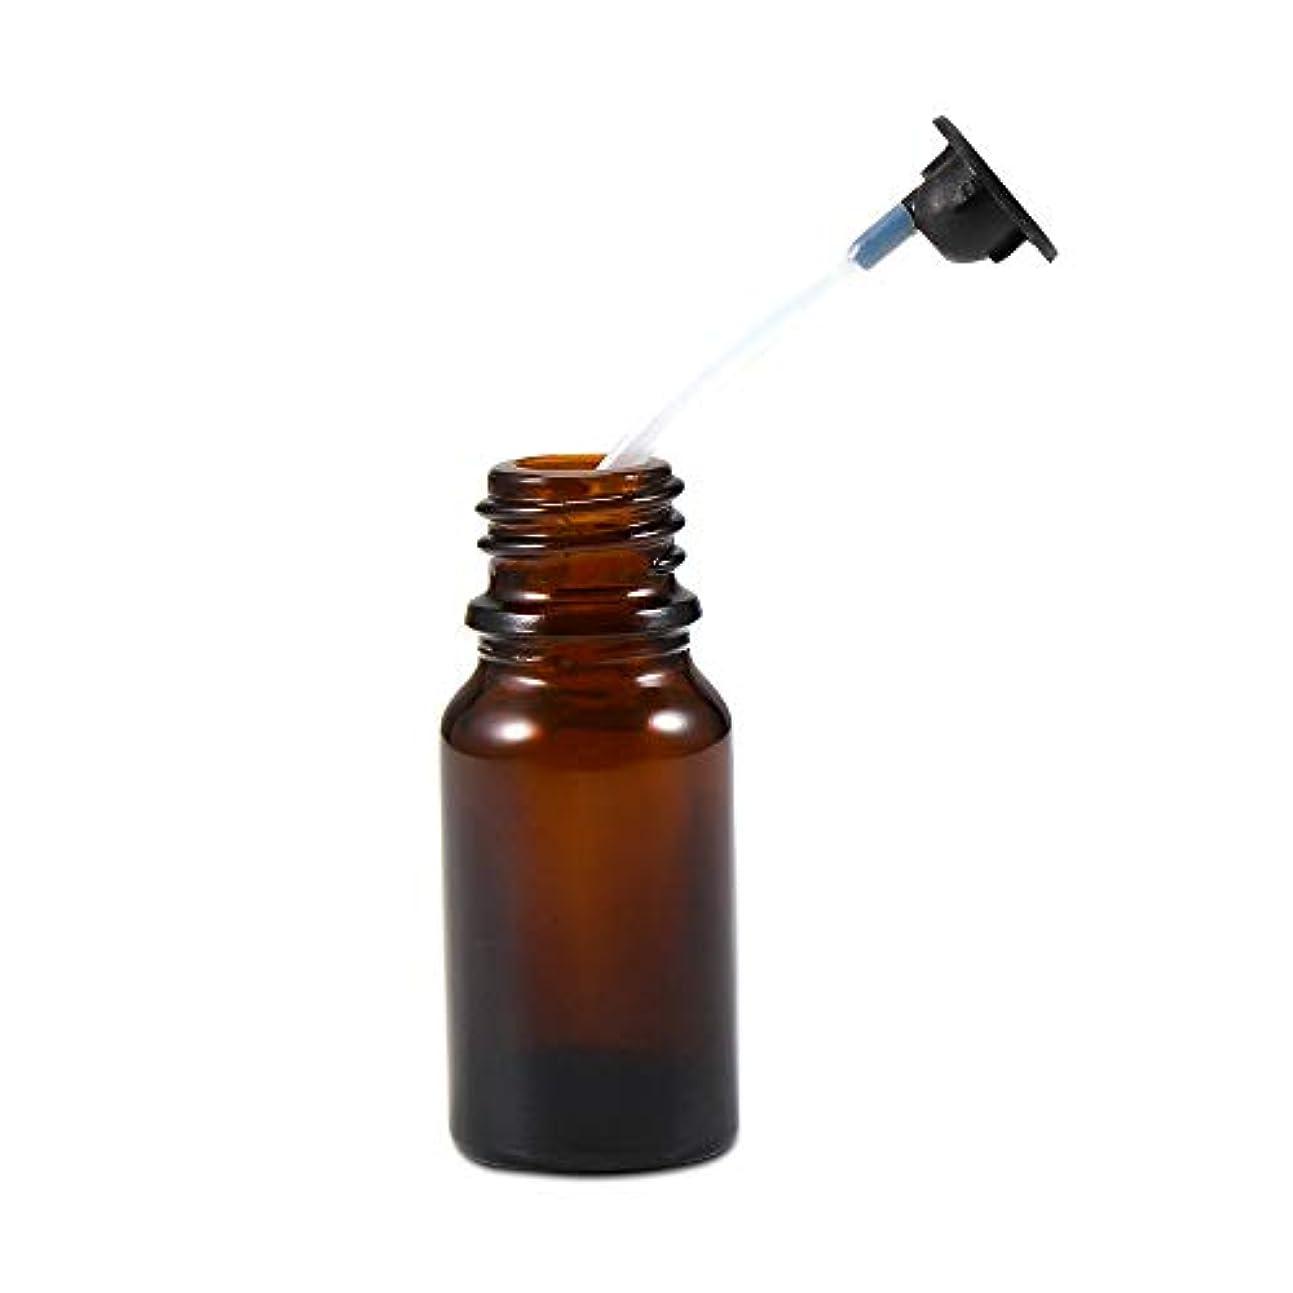 ブラザー絶えず元に戻すCaseceo エッセンシャルオイル ボトルとノズル 交換用 アクセサリー 数量1